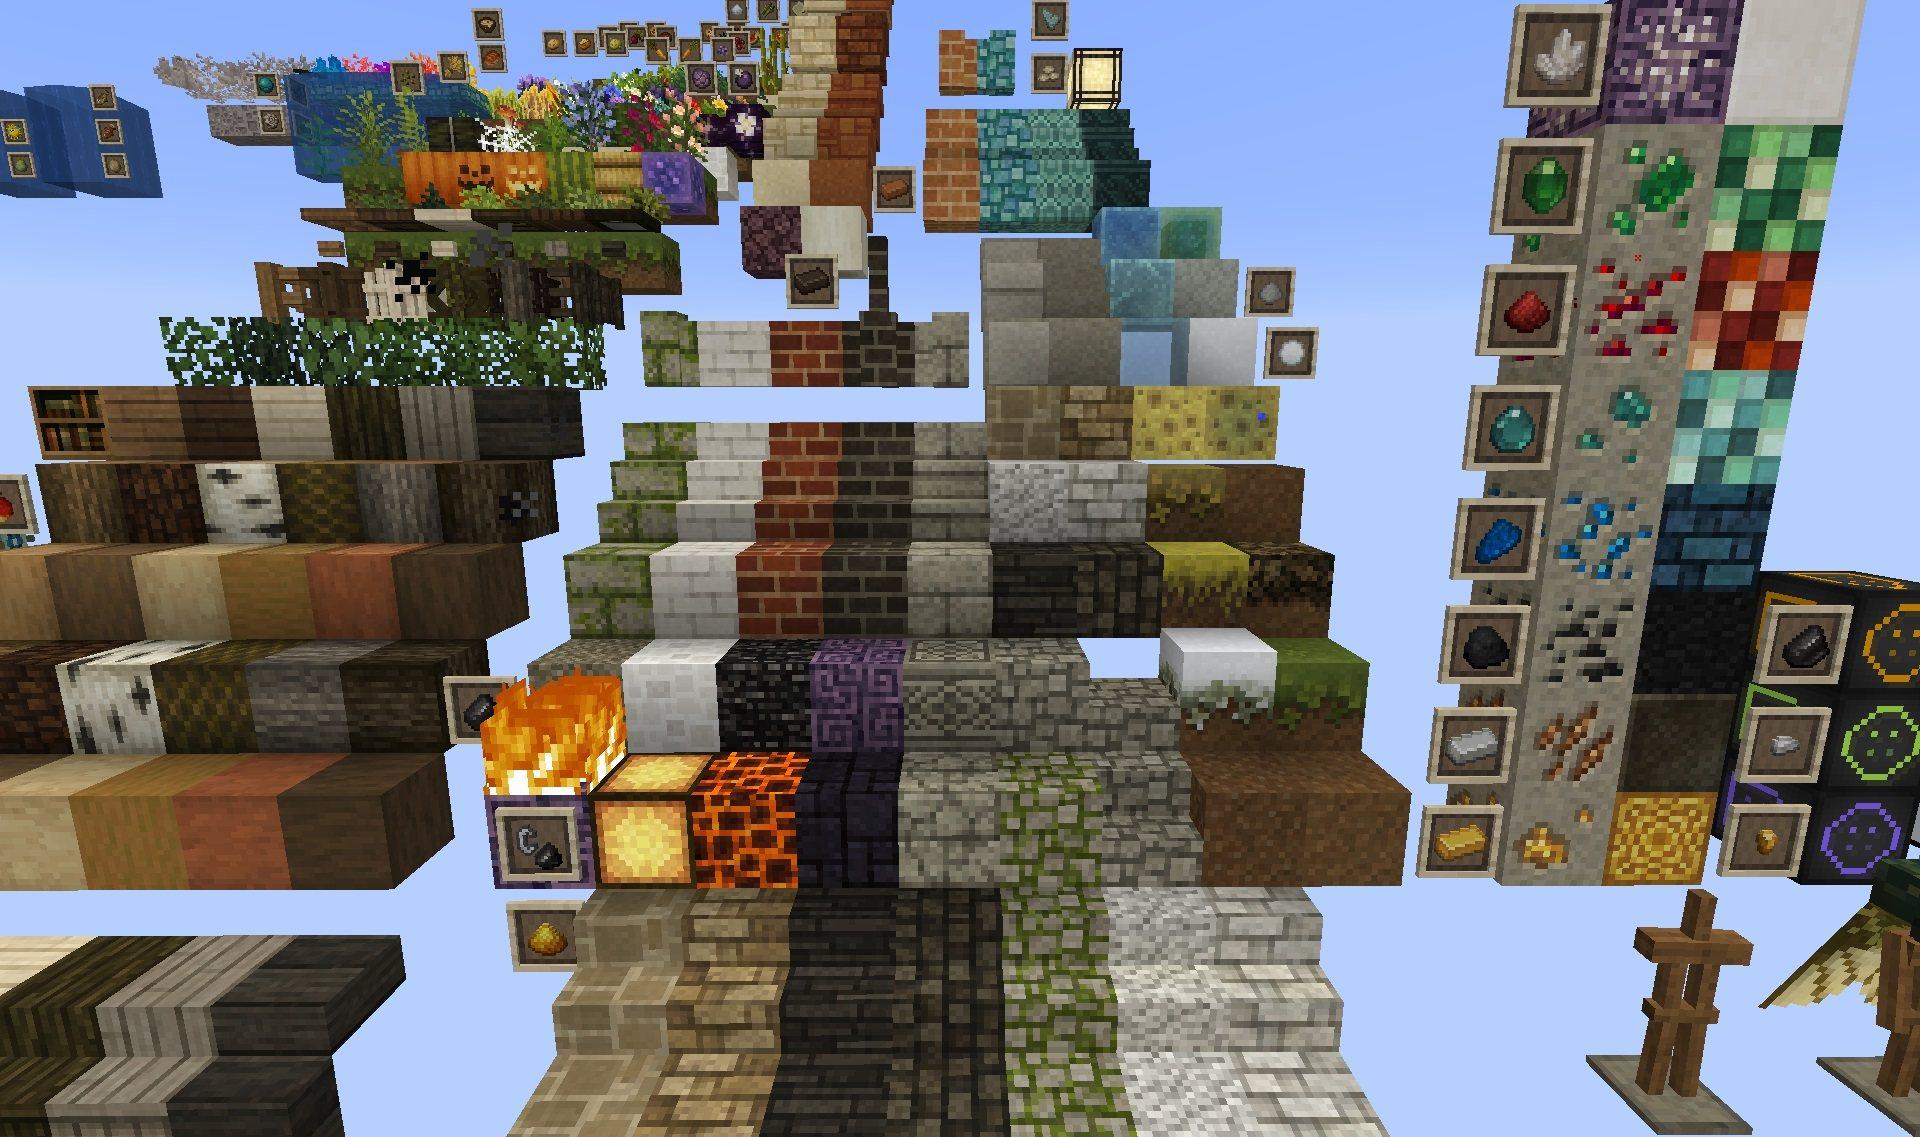 Mizunos 16 craft paczka tekstur 1.15.2 minecraft